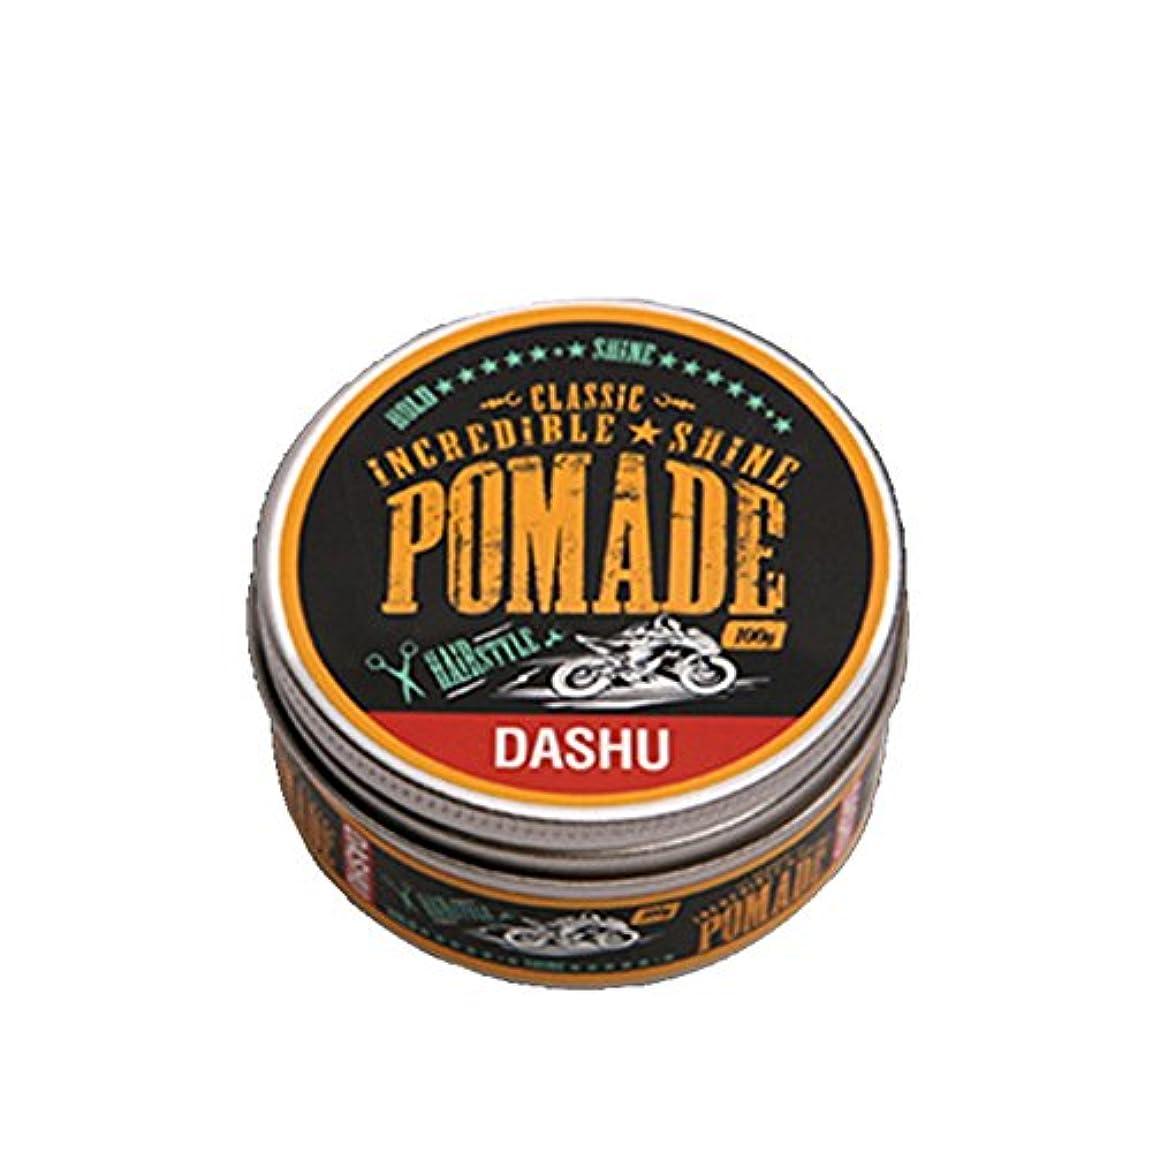 チャールズキージング鳩小学生[DASHU] ダシュ クラシック 信じられないほどの輝き ポマードワックス Classic Incredible Shine Pomade Hair Wax 100ml / 韓国製 . 韓国直送品